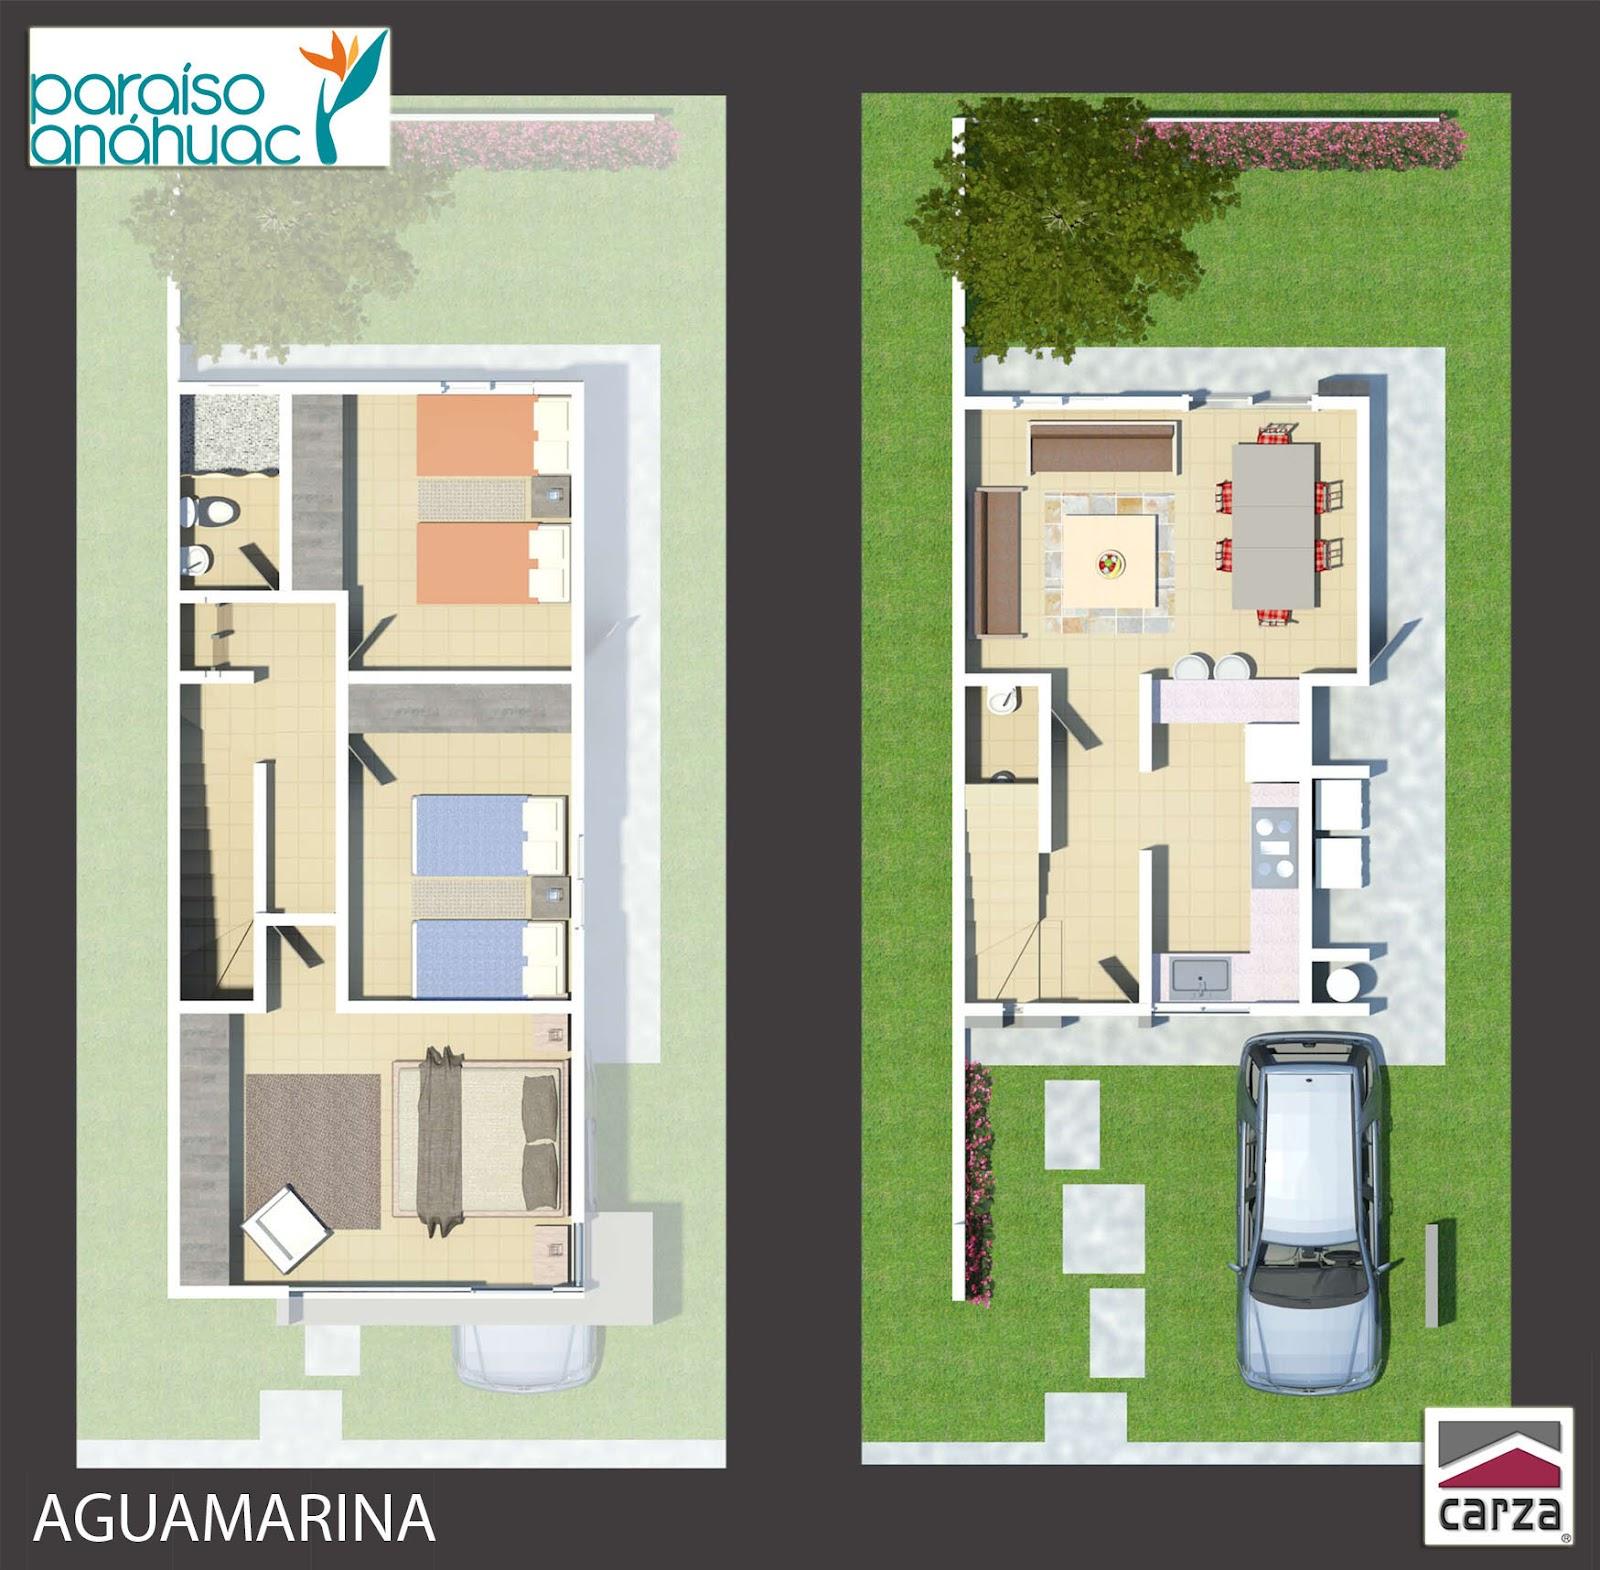 Planos de casas y plantas arquitect nicas de casas y for Casa minimalista 6 x 12